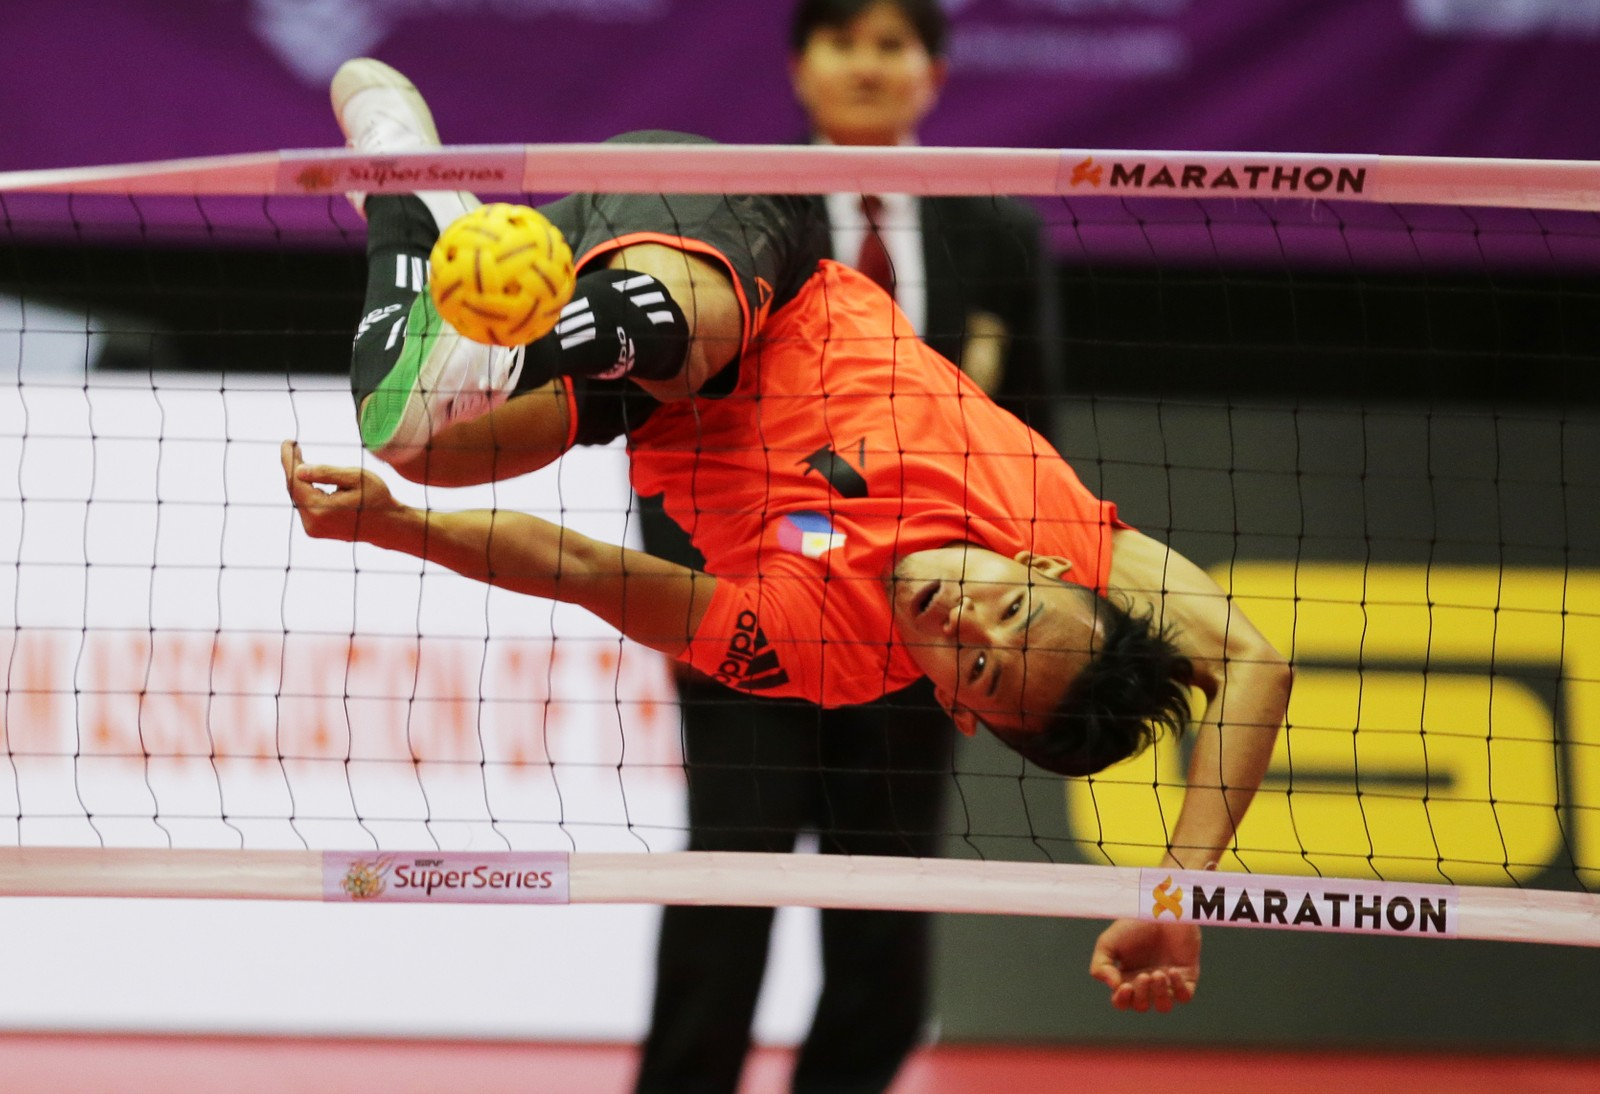 Fillippinenes Rheyjhey Ortouste i aksjon under semifinalen i Thailands superserie i sporten Sepak Takraw. I praksis handler sporten om å spille volleyball på en badmintonbane, men uten å bruke armene. Det resulterer i mye imponerende akrobatikk.